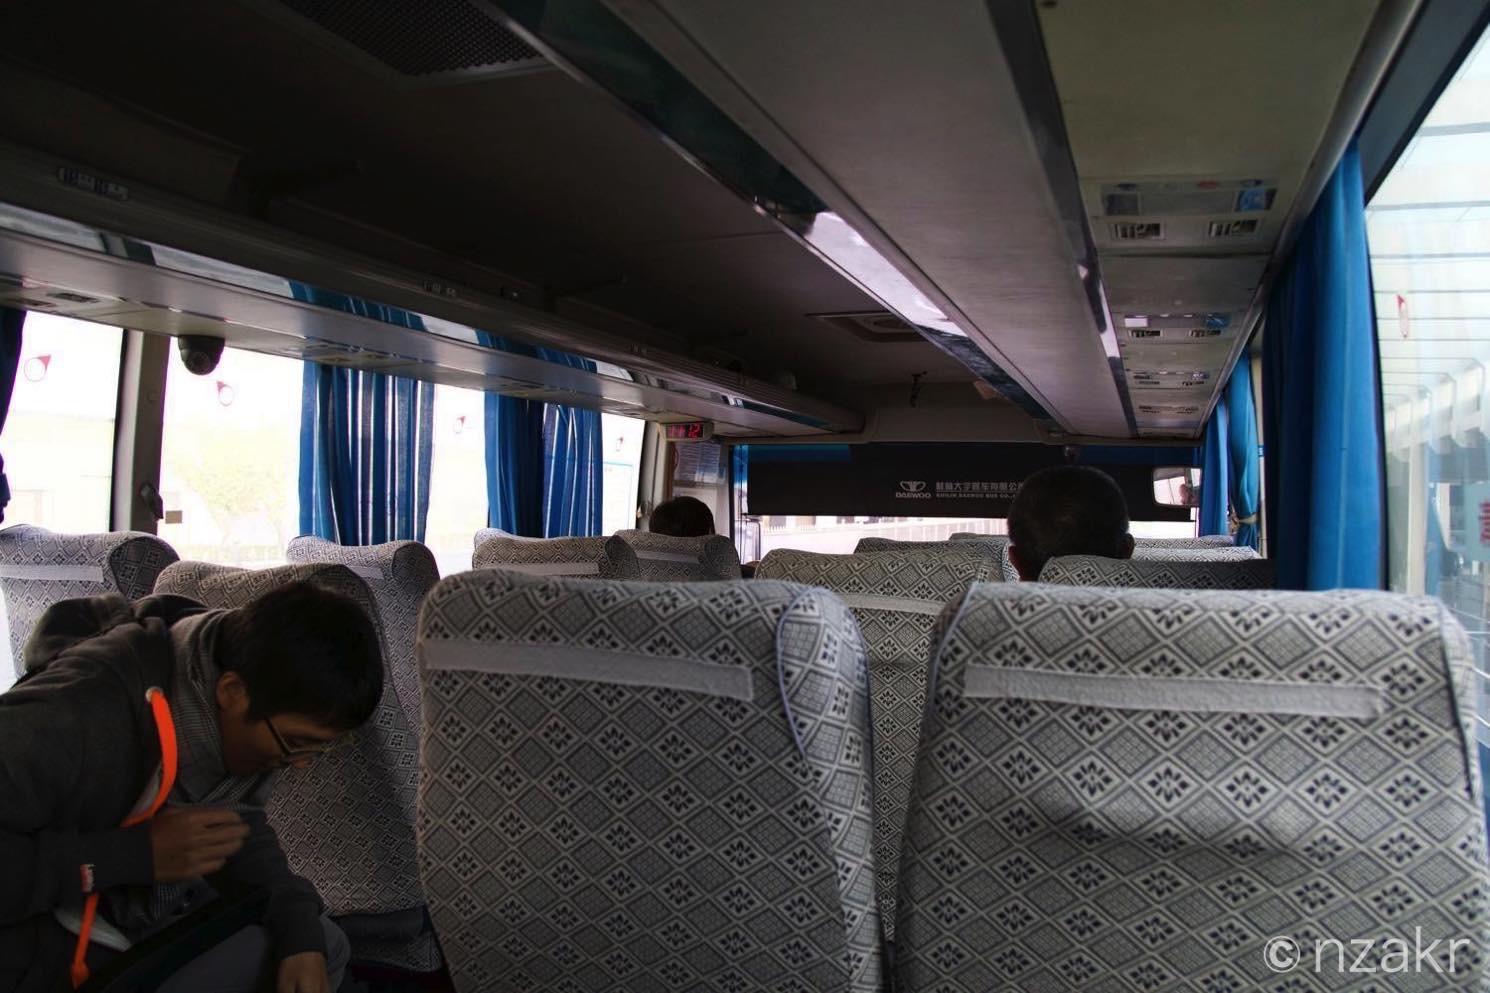 バス内の様子